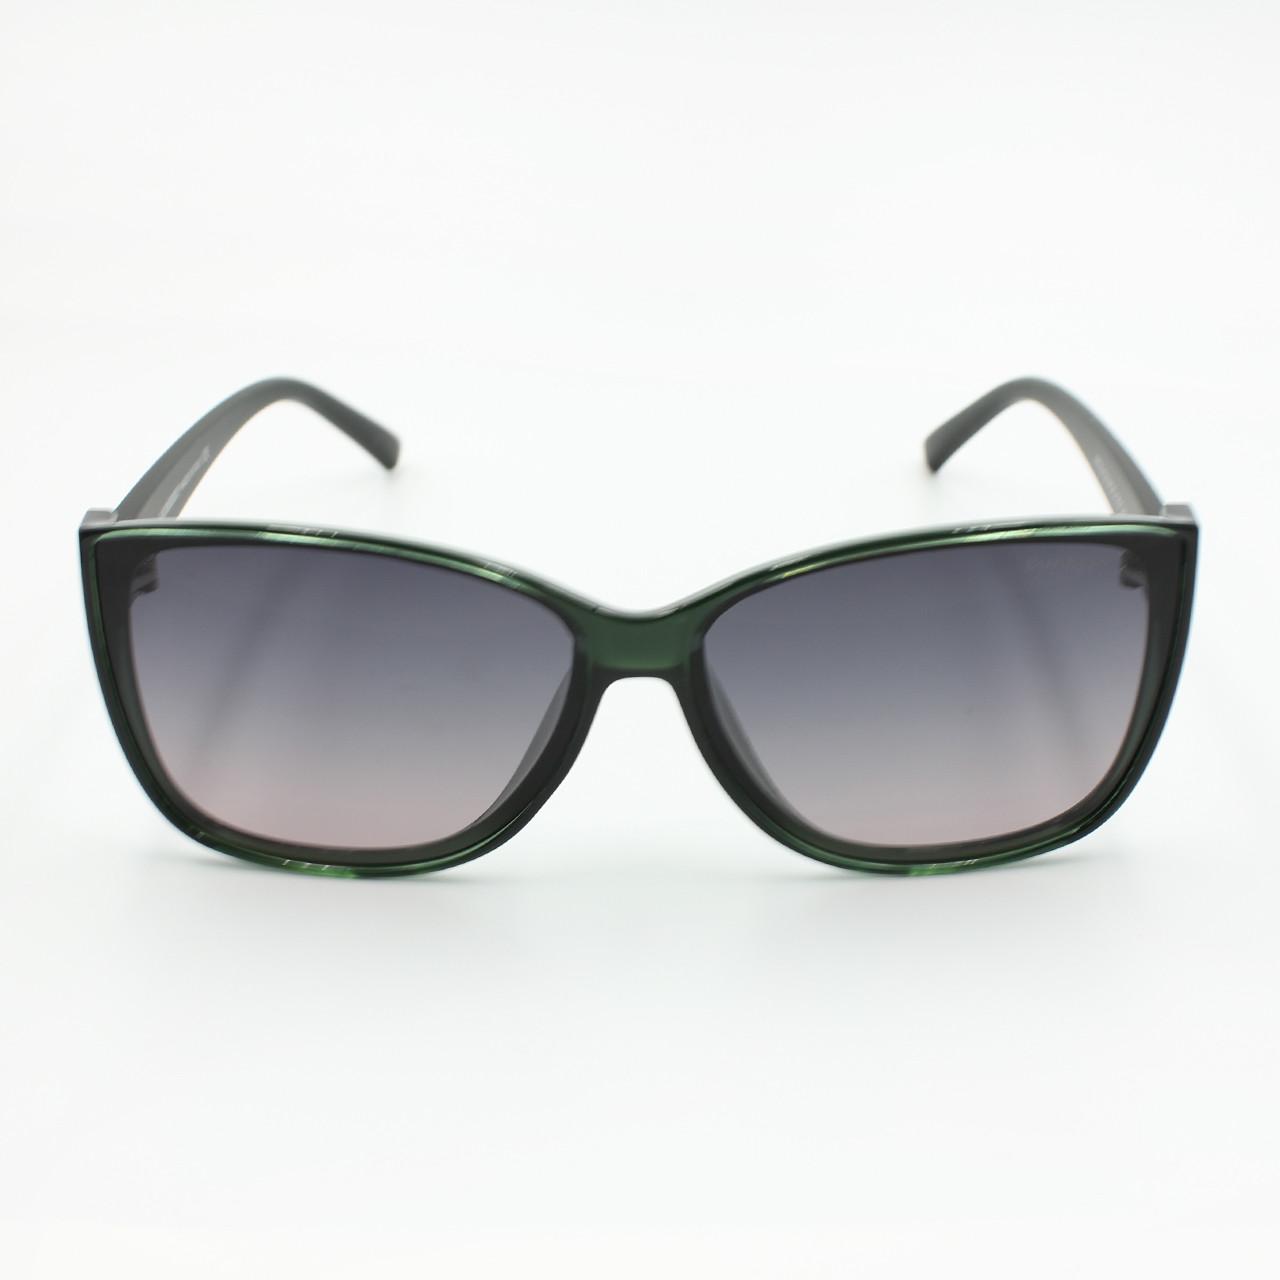 Очки солнцезащитные с поляризацией Burberry зеленые